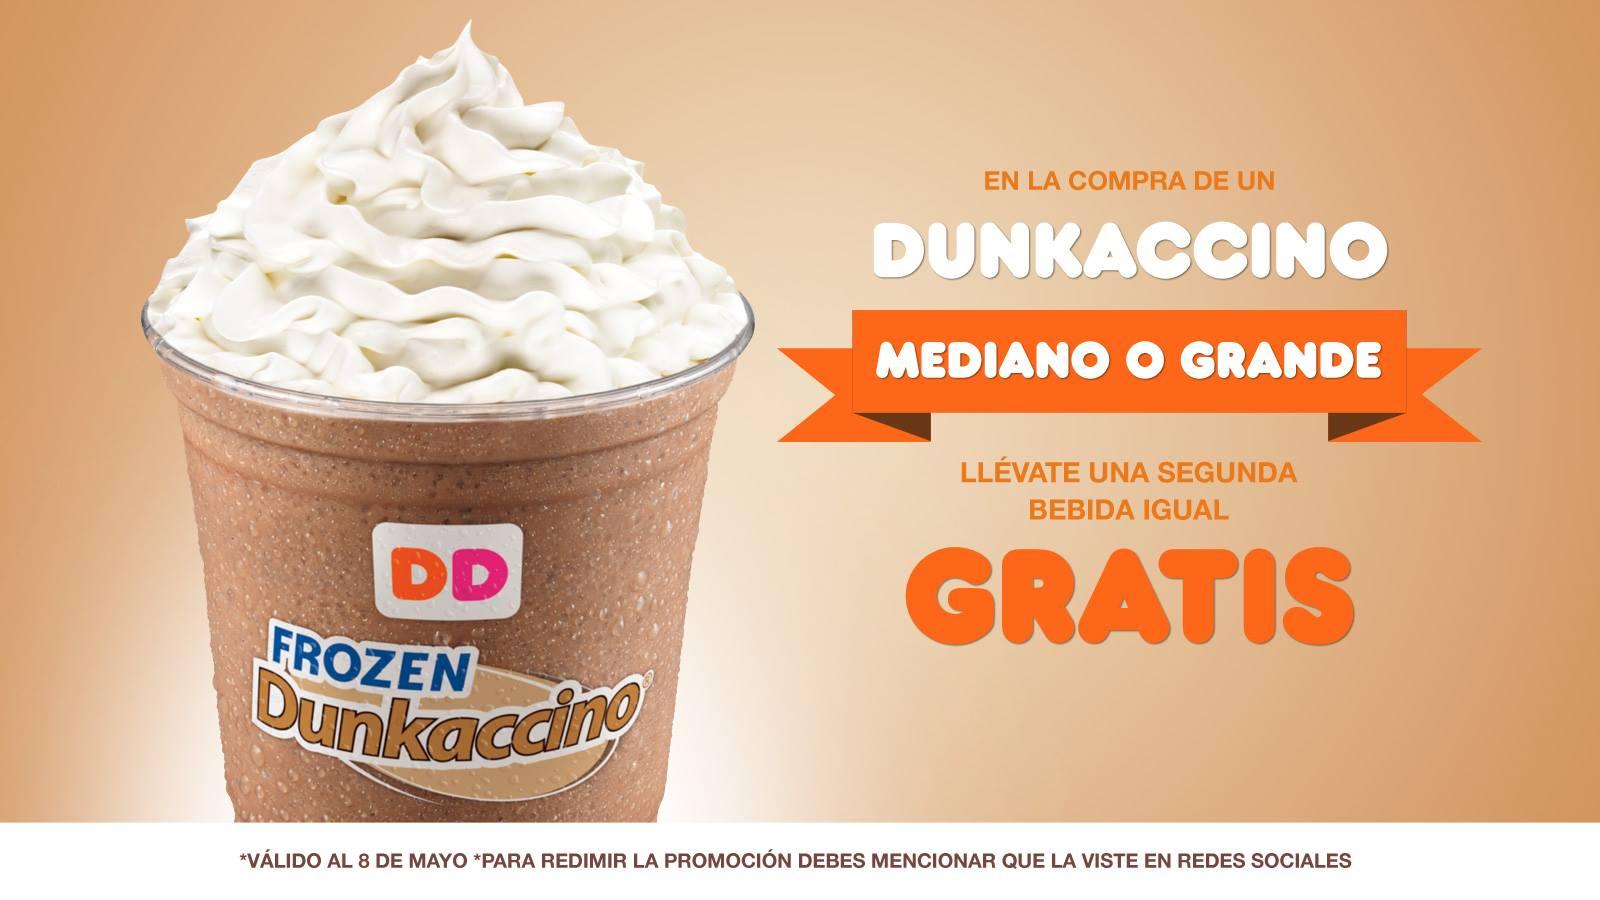 Dunkin Donuts: 2x1 en Dunkaccino